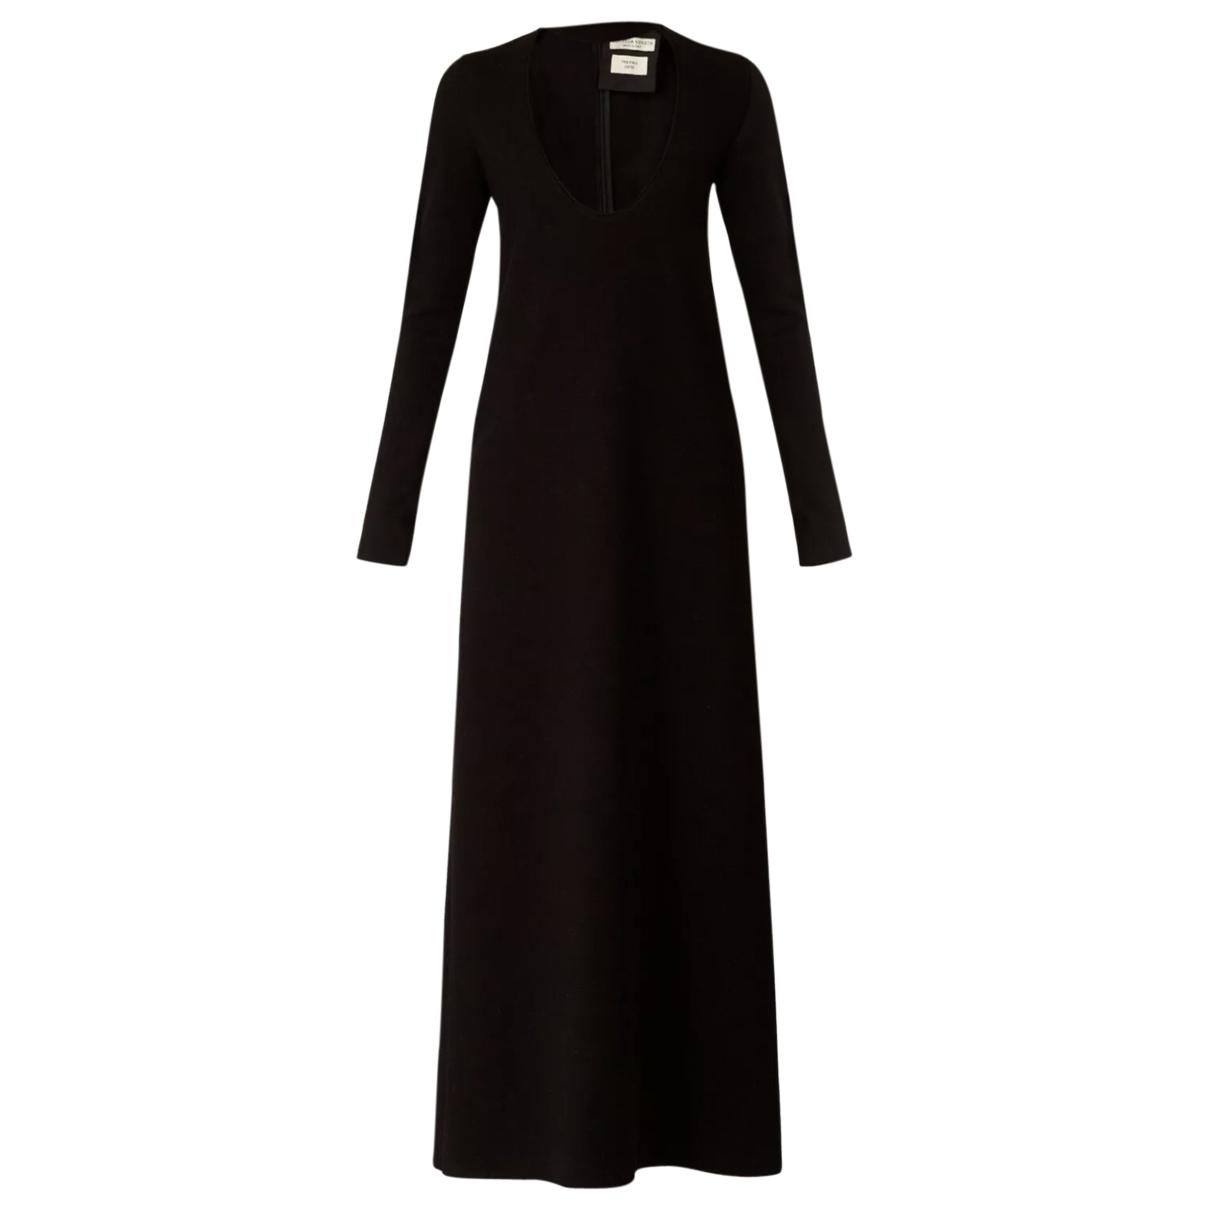 Bottega Veneta - Robe   pour femme en laine - noir